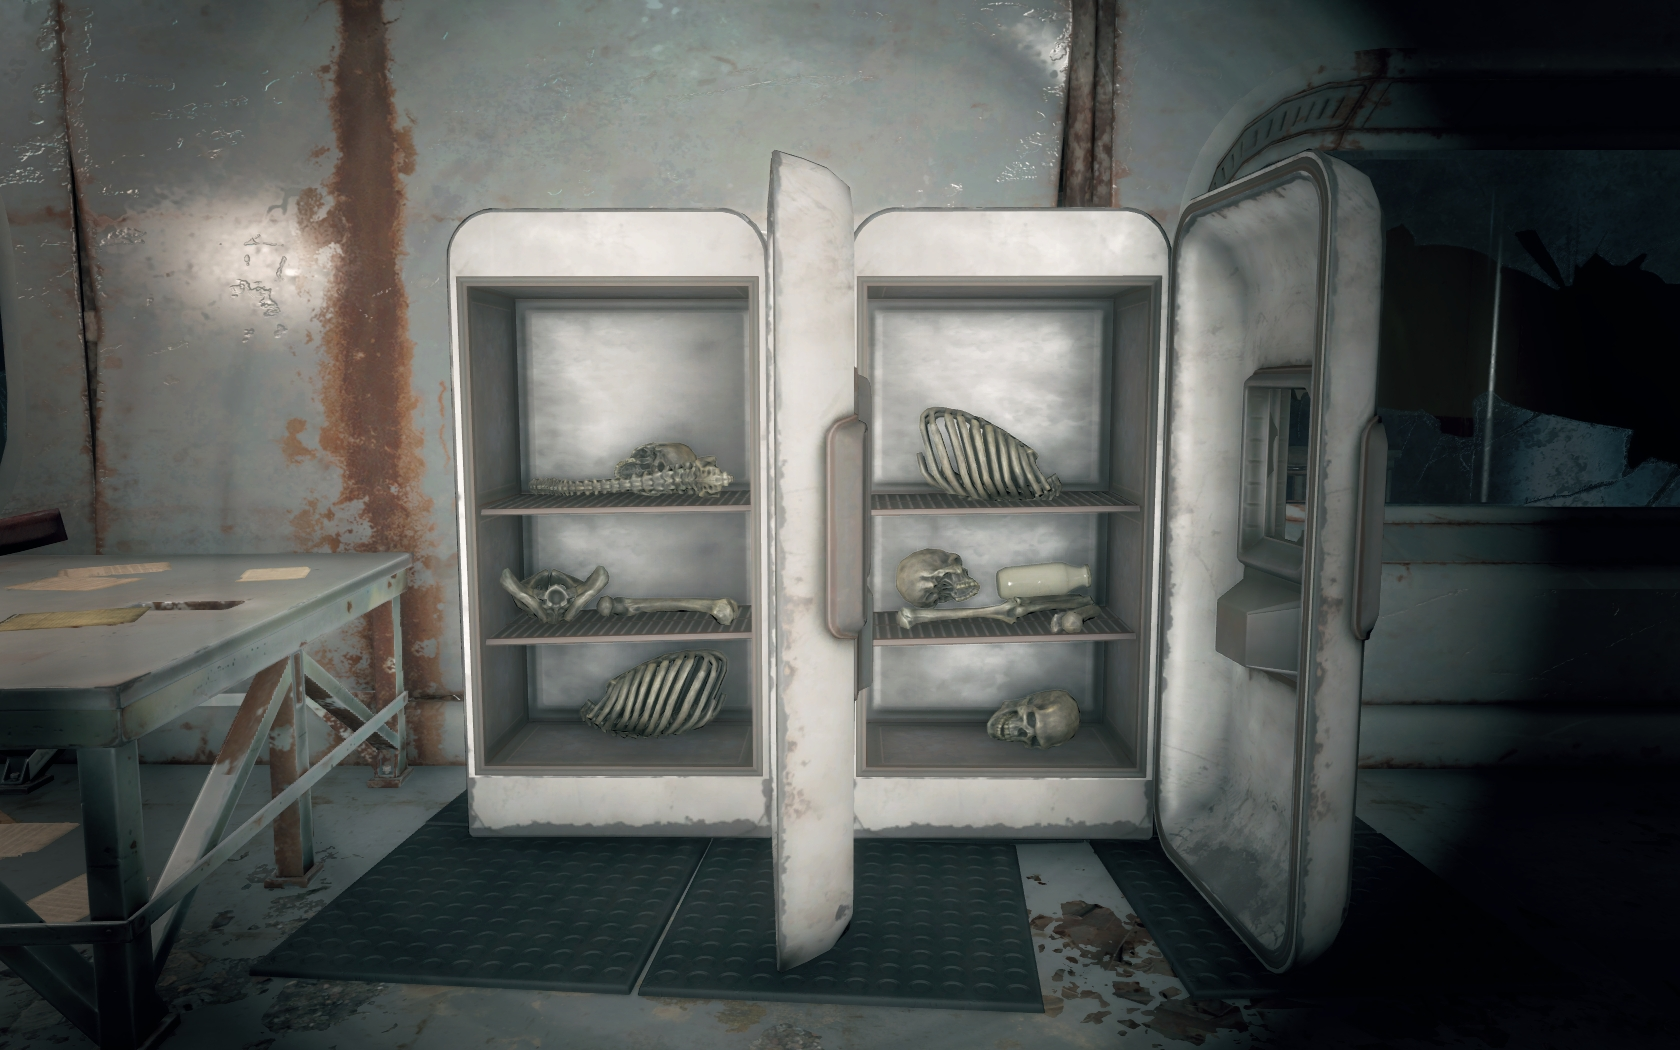 Холодильник полный жрачки - 2 (Мед-Тек Рисёрч) v2 - Fallout 4 Мед-Тек Рисёрч, скелет, холодильник